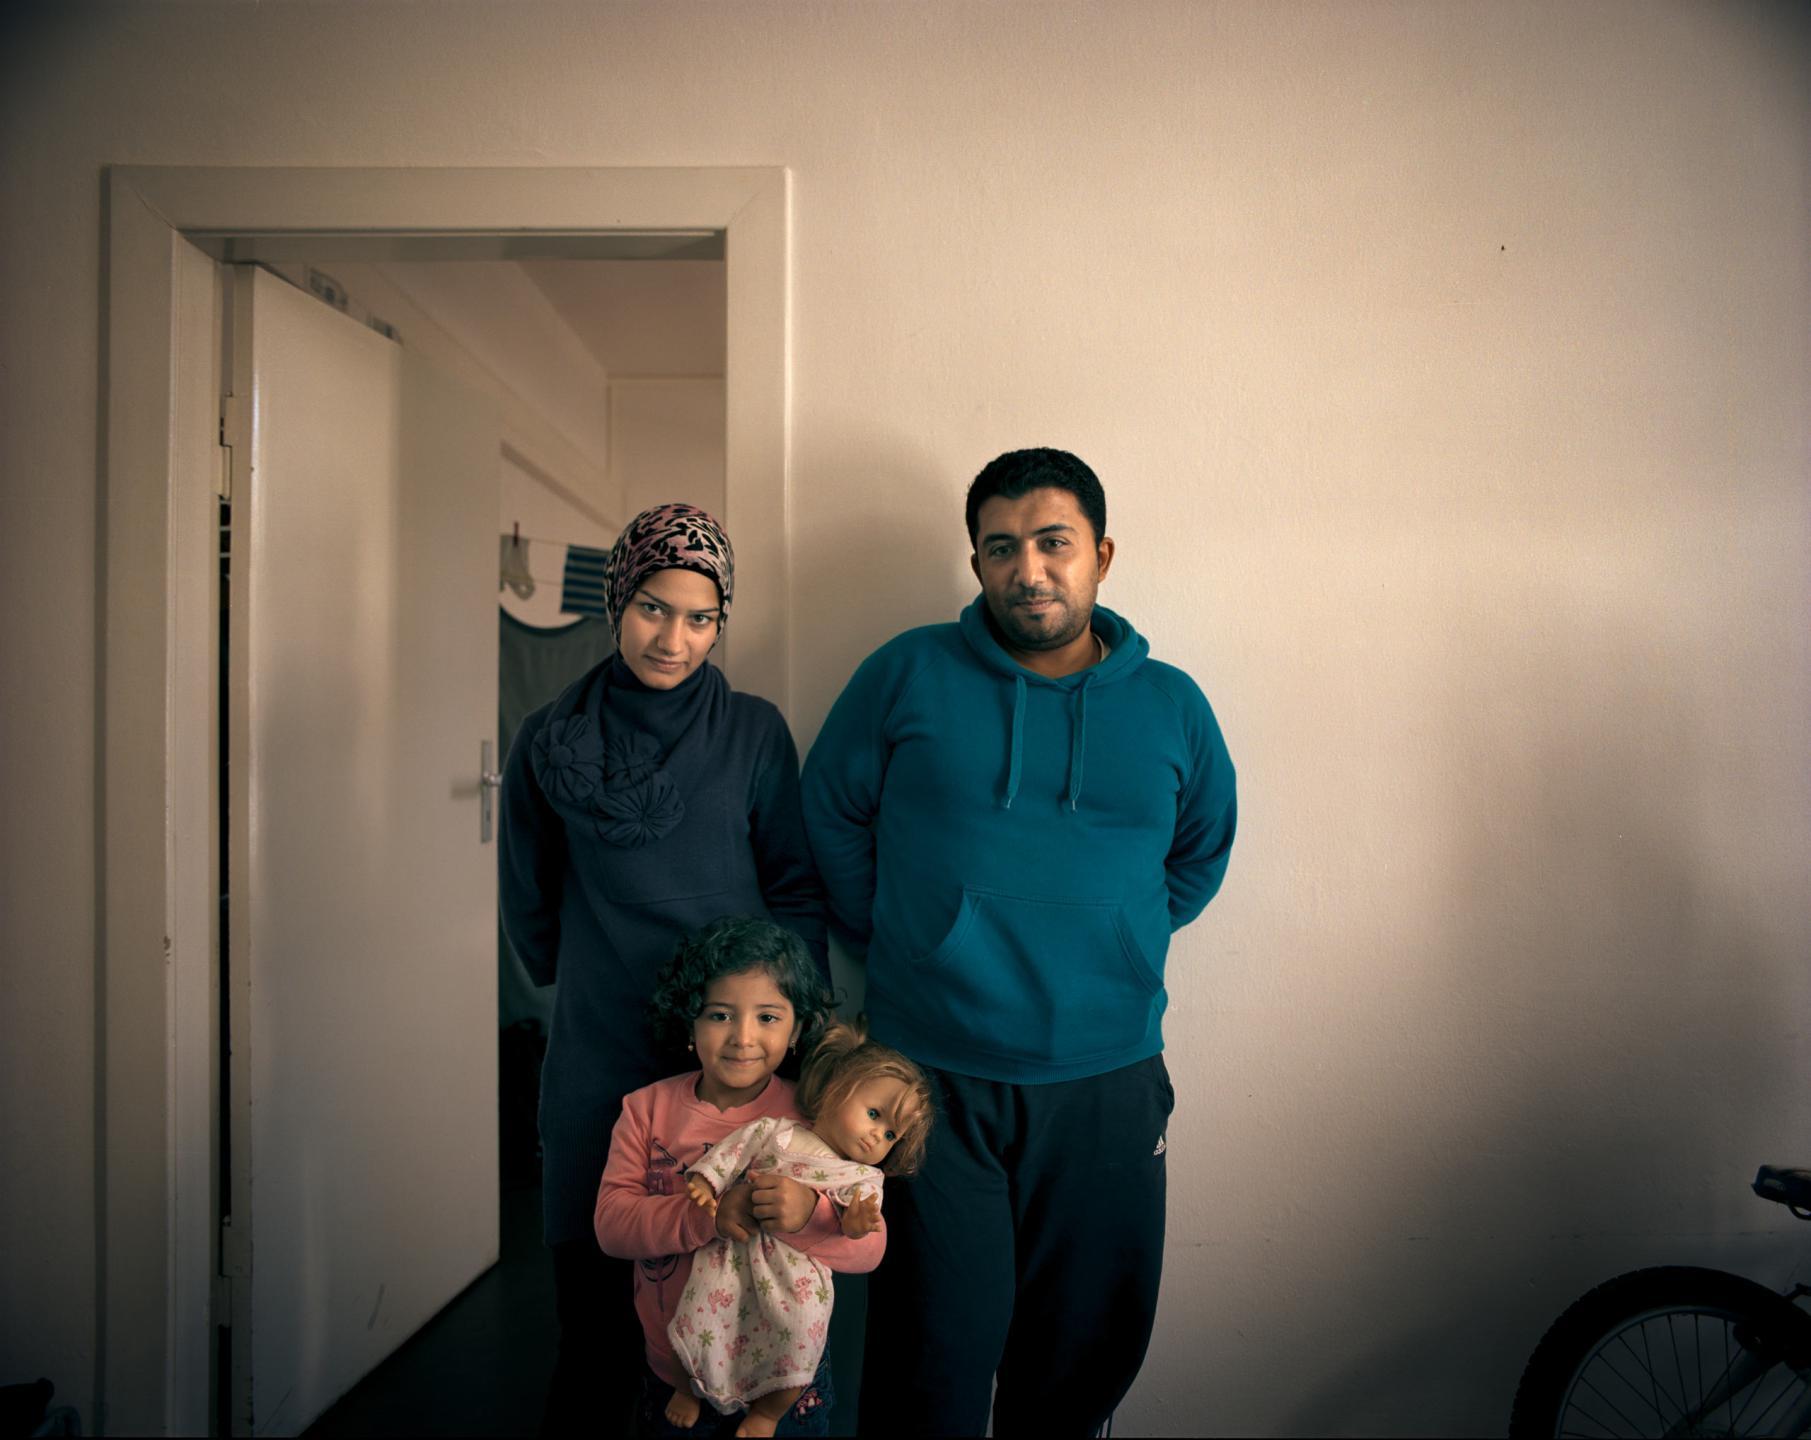 фотографии беженцев в Европе, сирийцы, афганцы-4